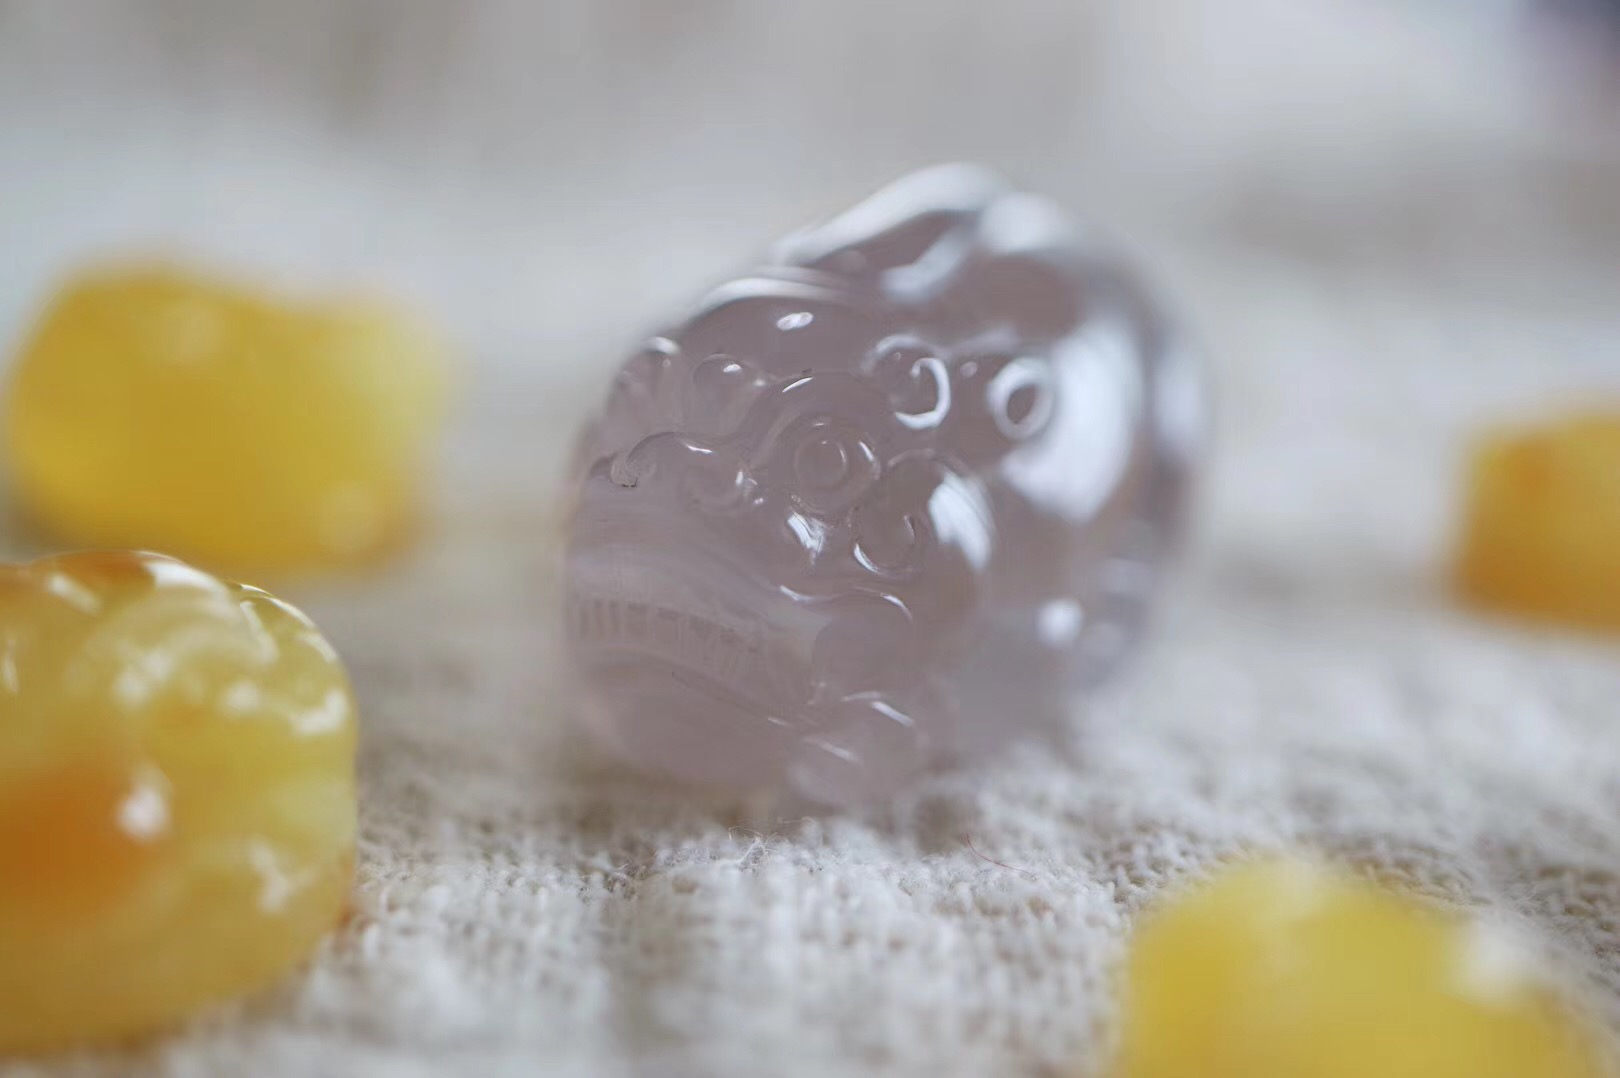 【菩心-南红荔枝冻貔貅、蜜蜡貔貅】苏工精雕立体貔貅,冰润饱满,有意的小主牵回家-菩心晶舍